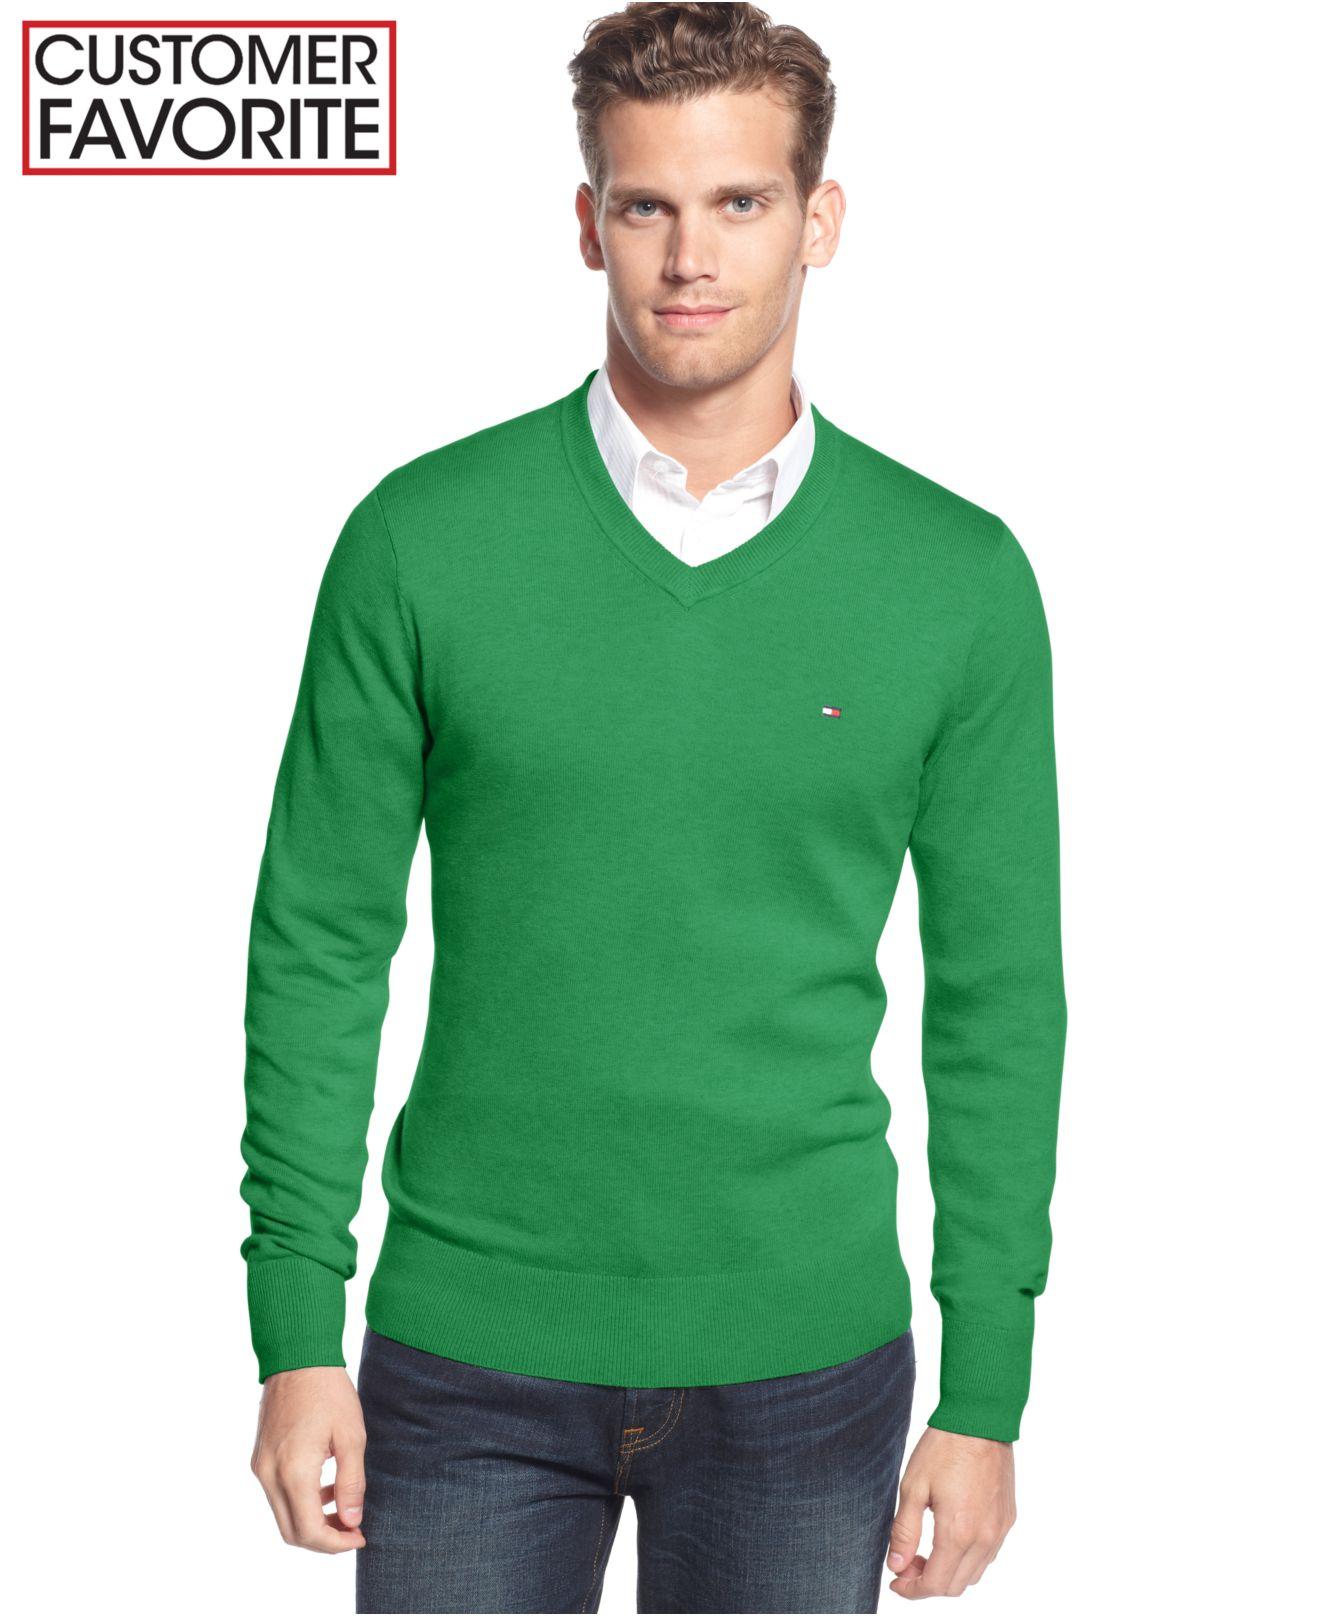 tommy hilfiger signature solid v neck sweater in green for. Black Bedroom Furniture Sets. Home Design Ideas